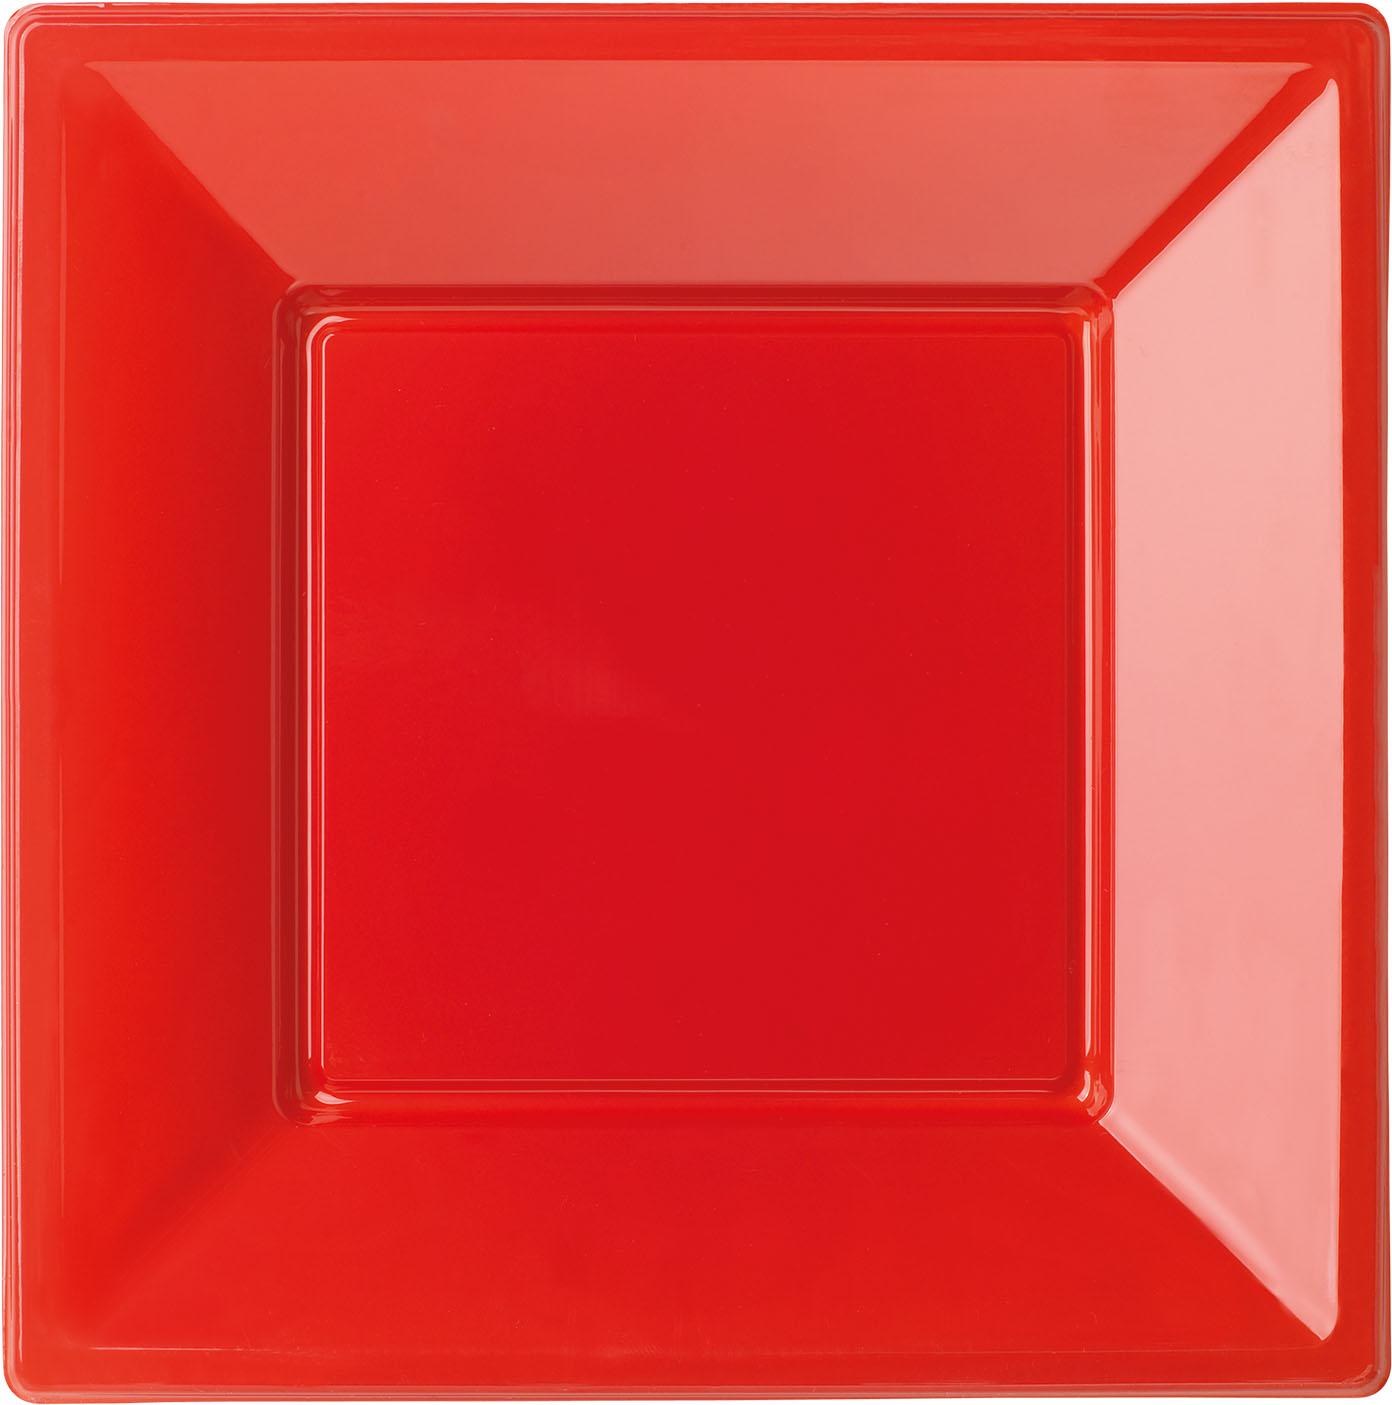 8 assiettes rouges car es en plastique 18 cm modus vivendi. Black Bedroom Furniture Sets. Home Design Ideas